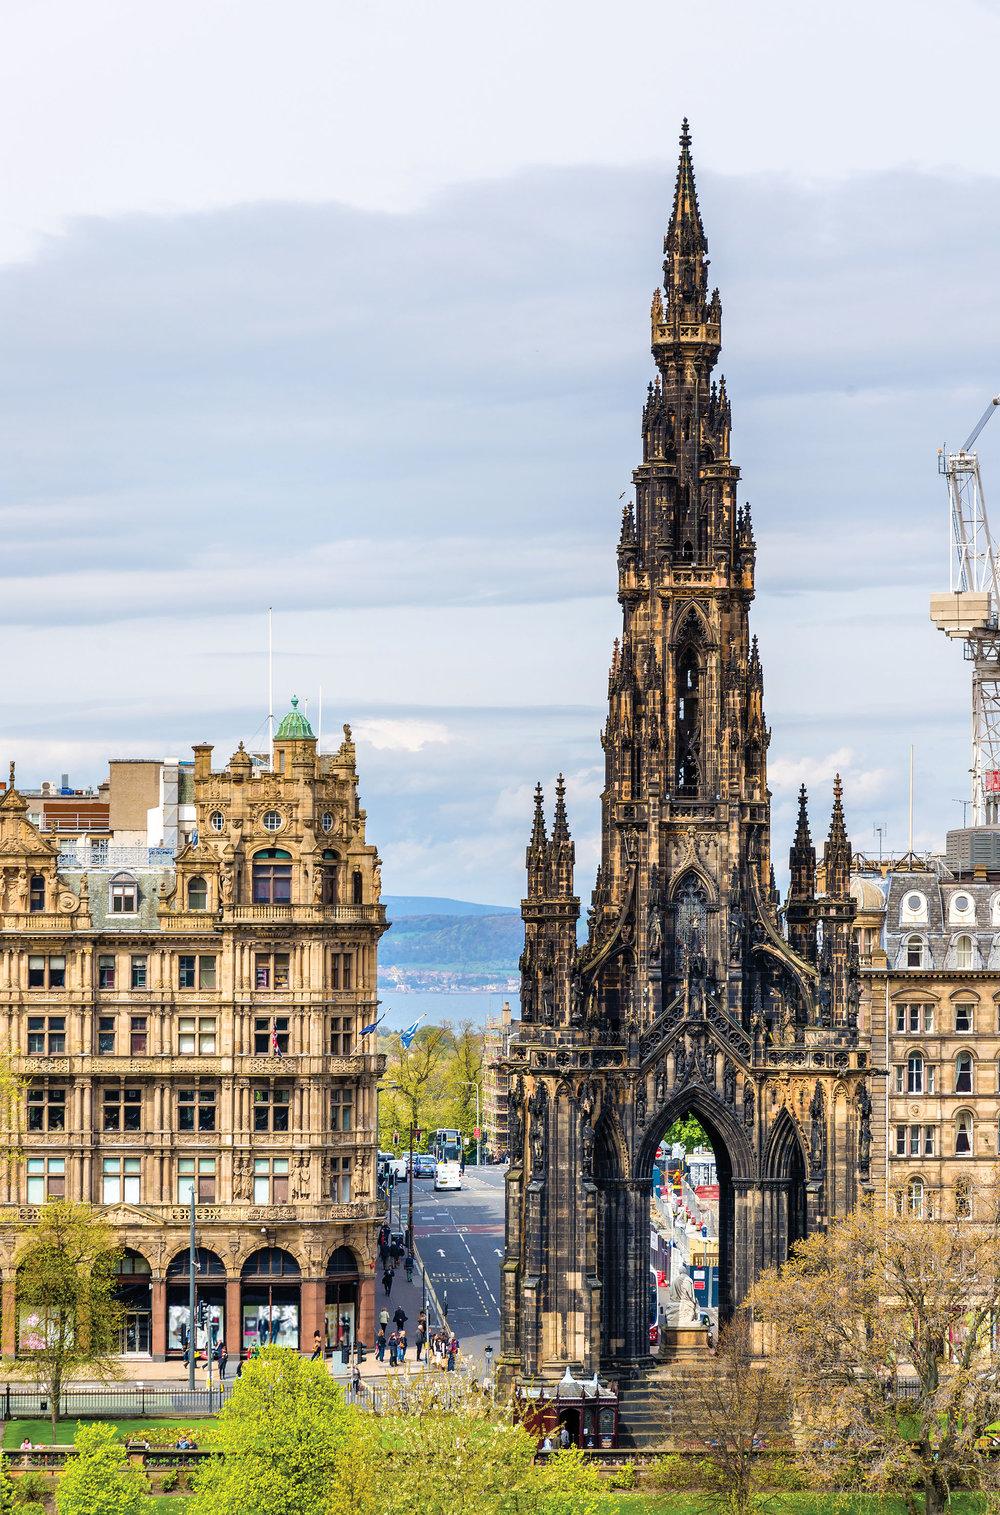 英國傳奇作家沃爾特.司各特的紀念碑足有200英呎高,是全世界最高的紀念碑之一。